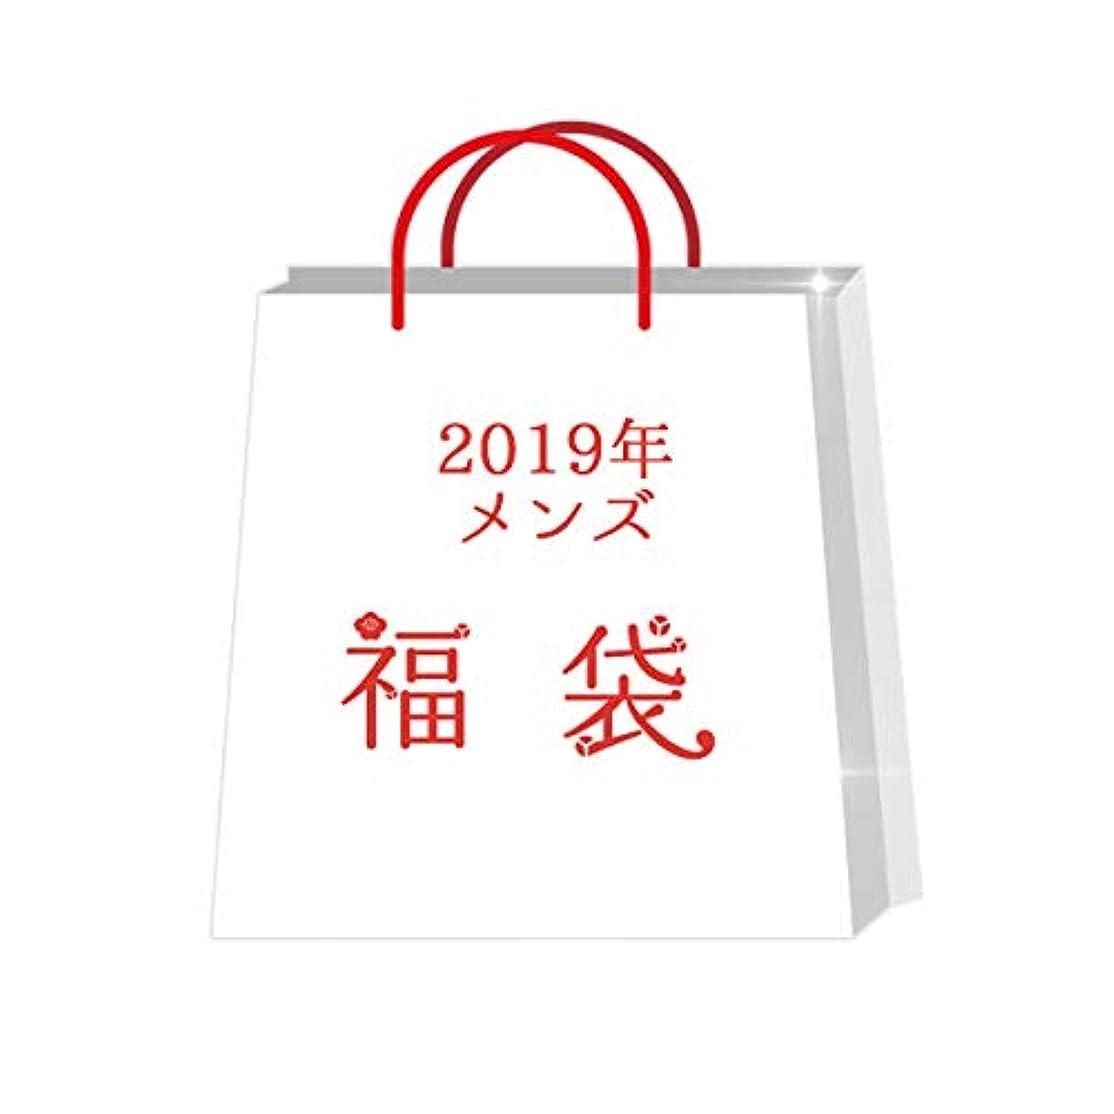 薬用細胞経営者2019年福袋 ◆ 運だめし福袋! 1000円ぽっきり メンズ 福袋!